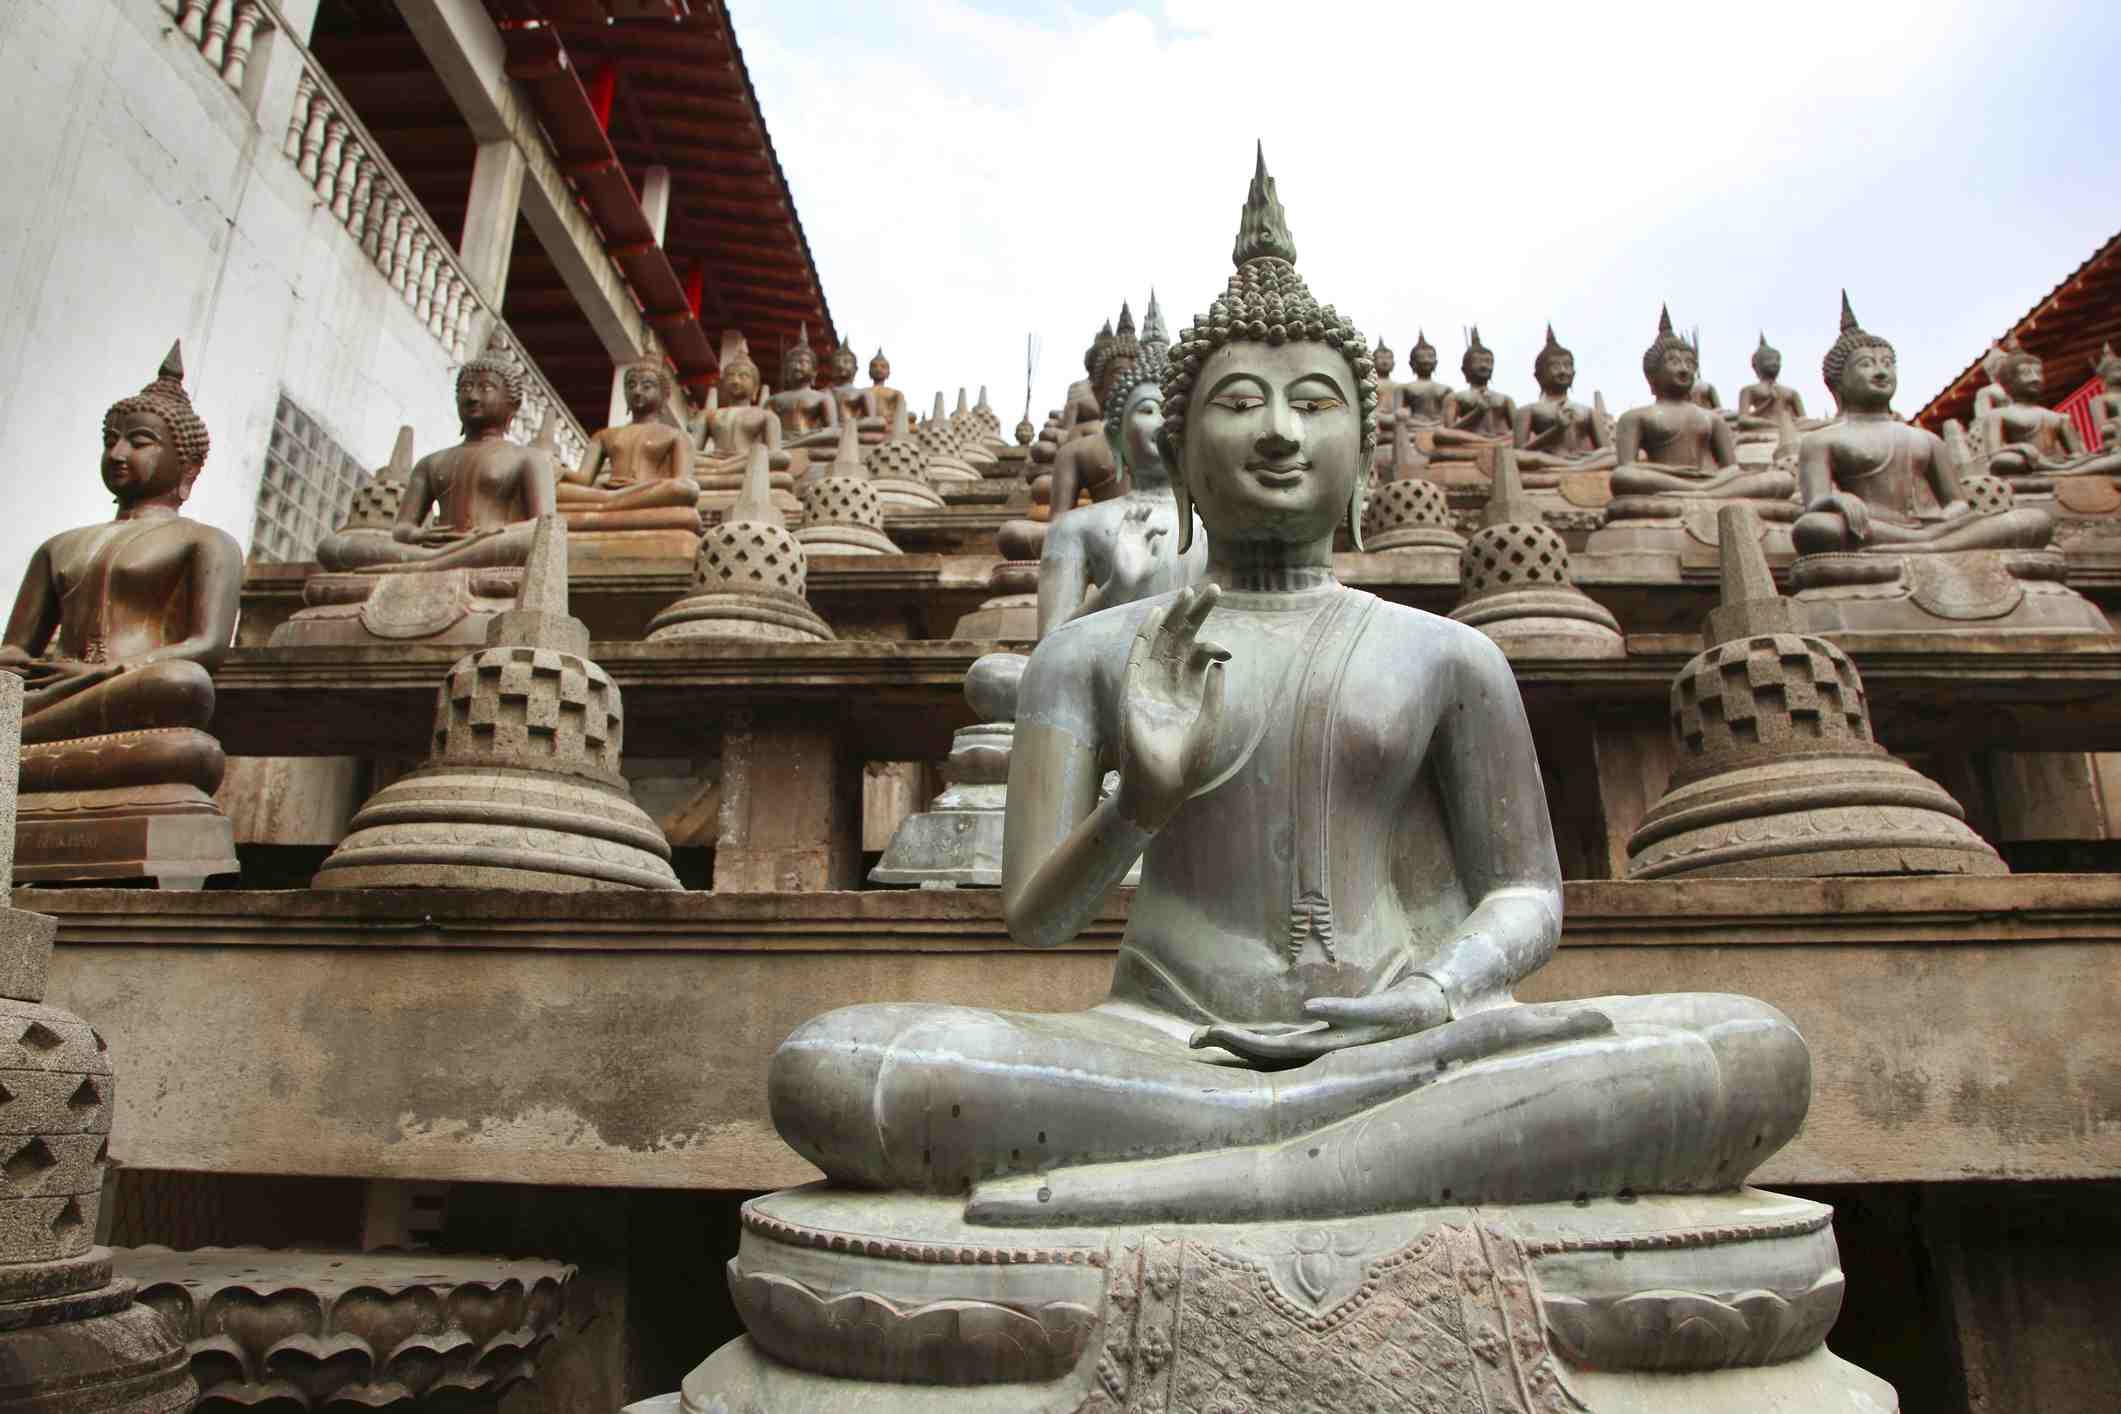 sri lanka buddhist temple - HD1400×933